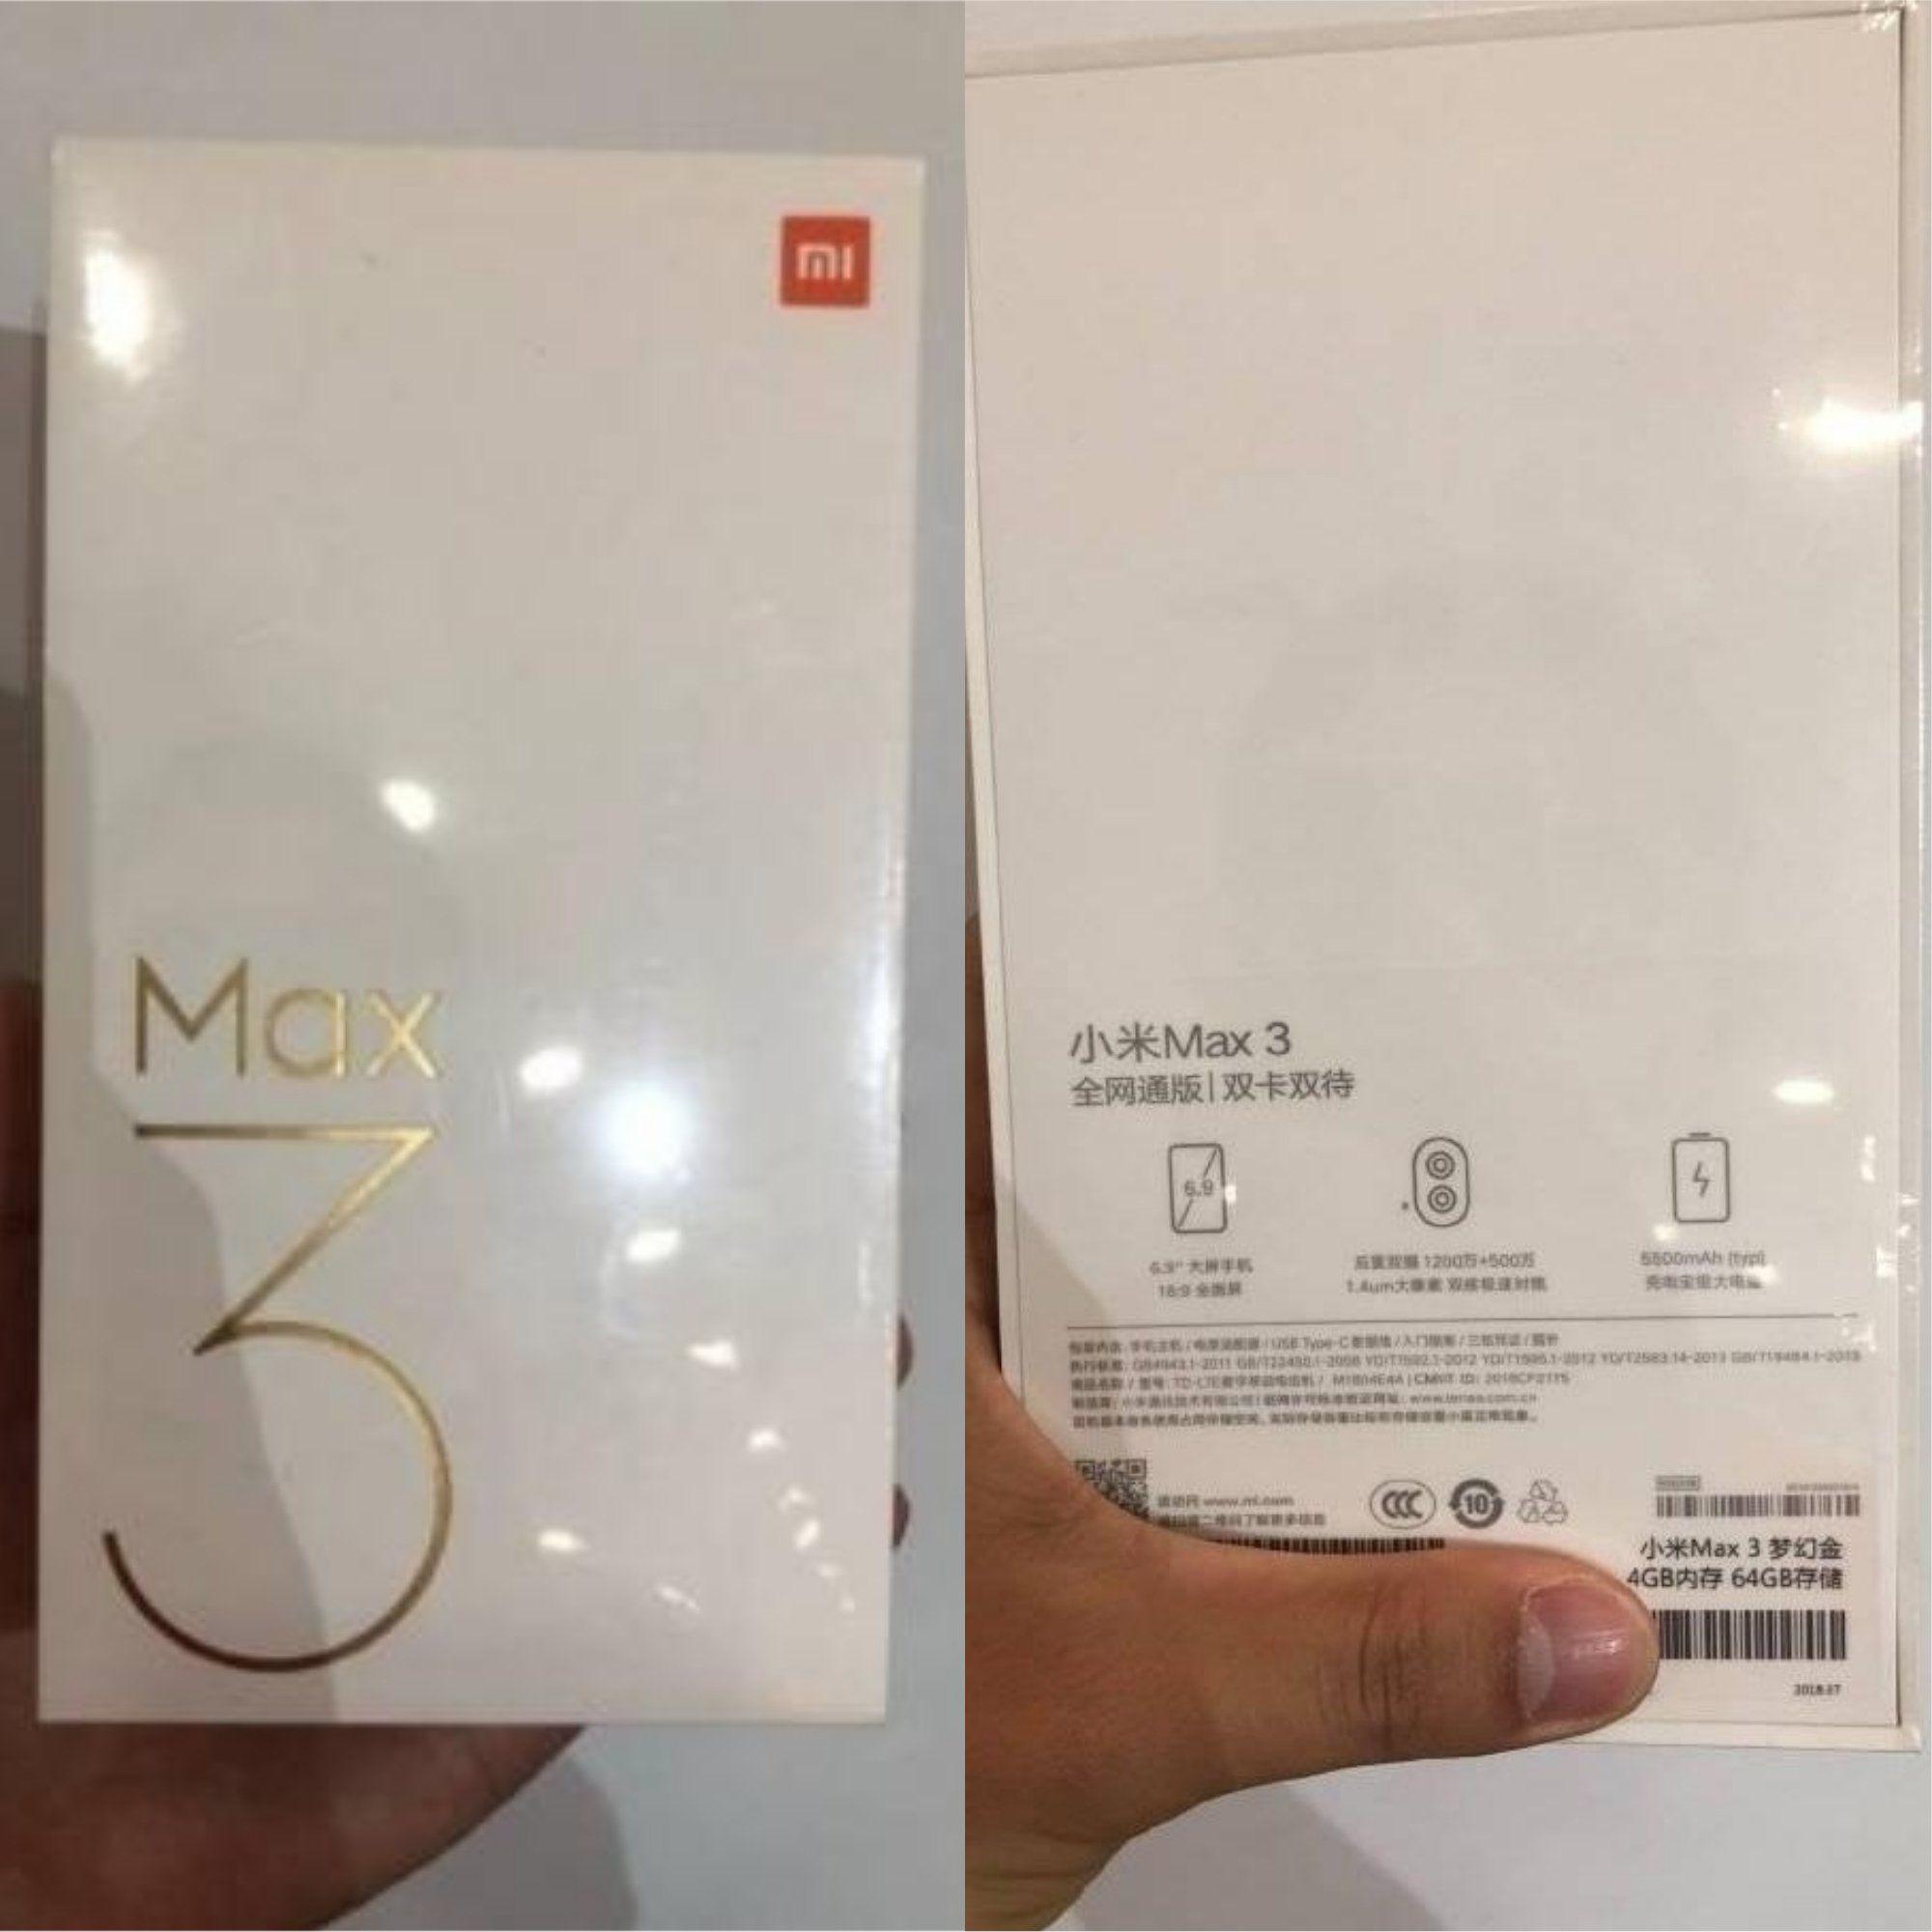 В Сети появились фотографии коробки смартфона Xiaomi Mi Max 3